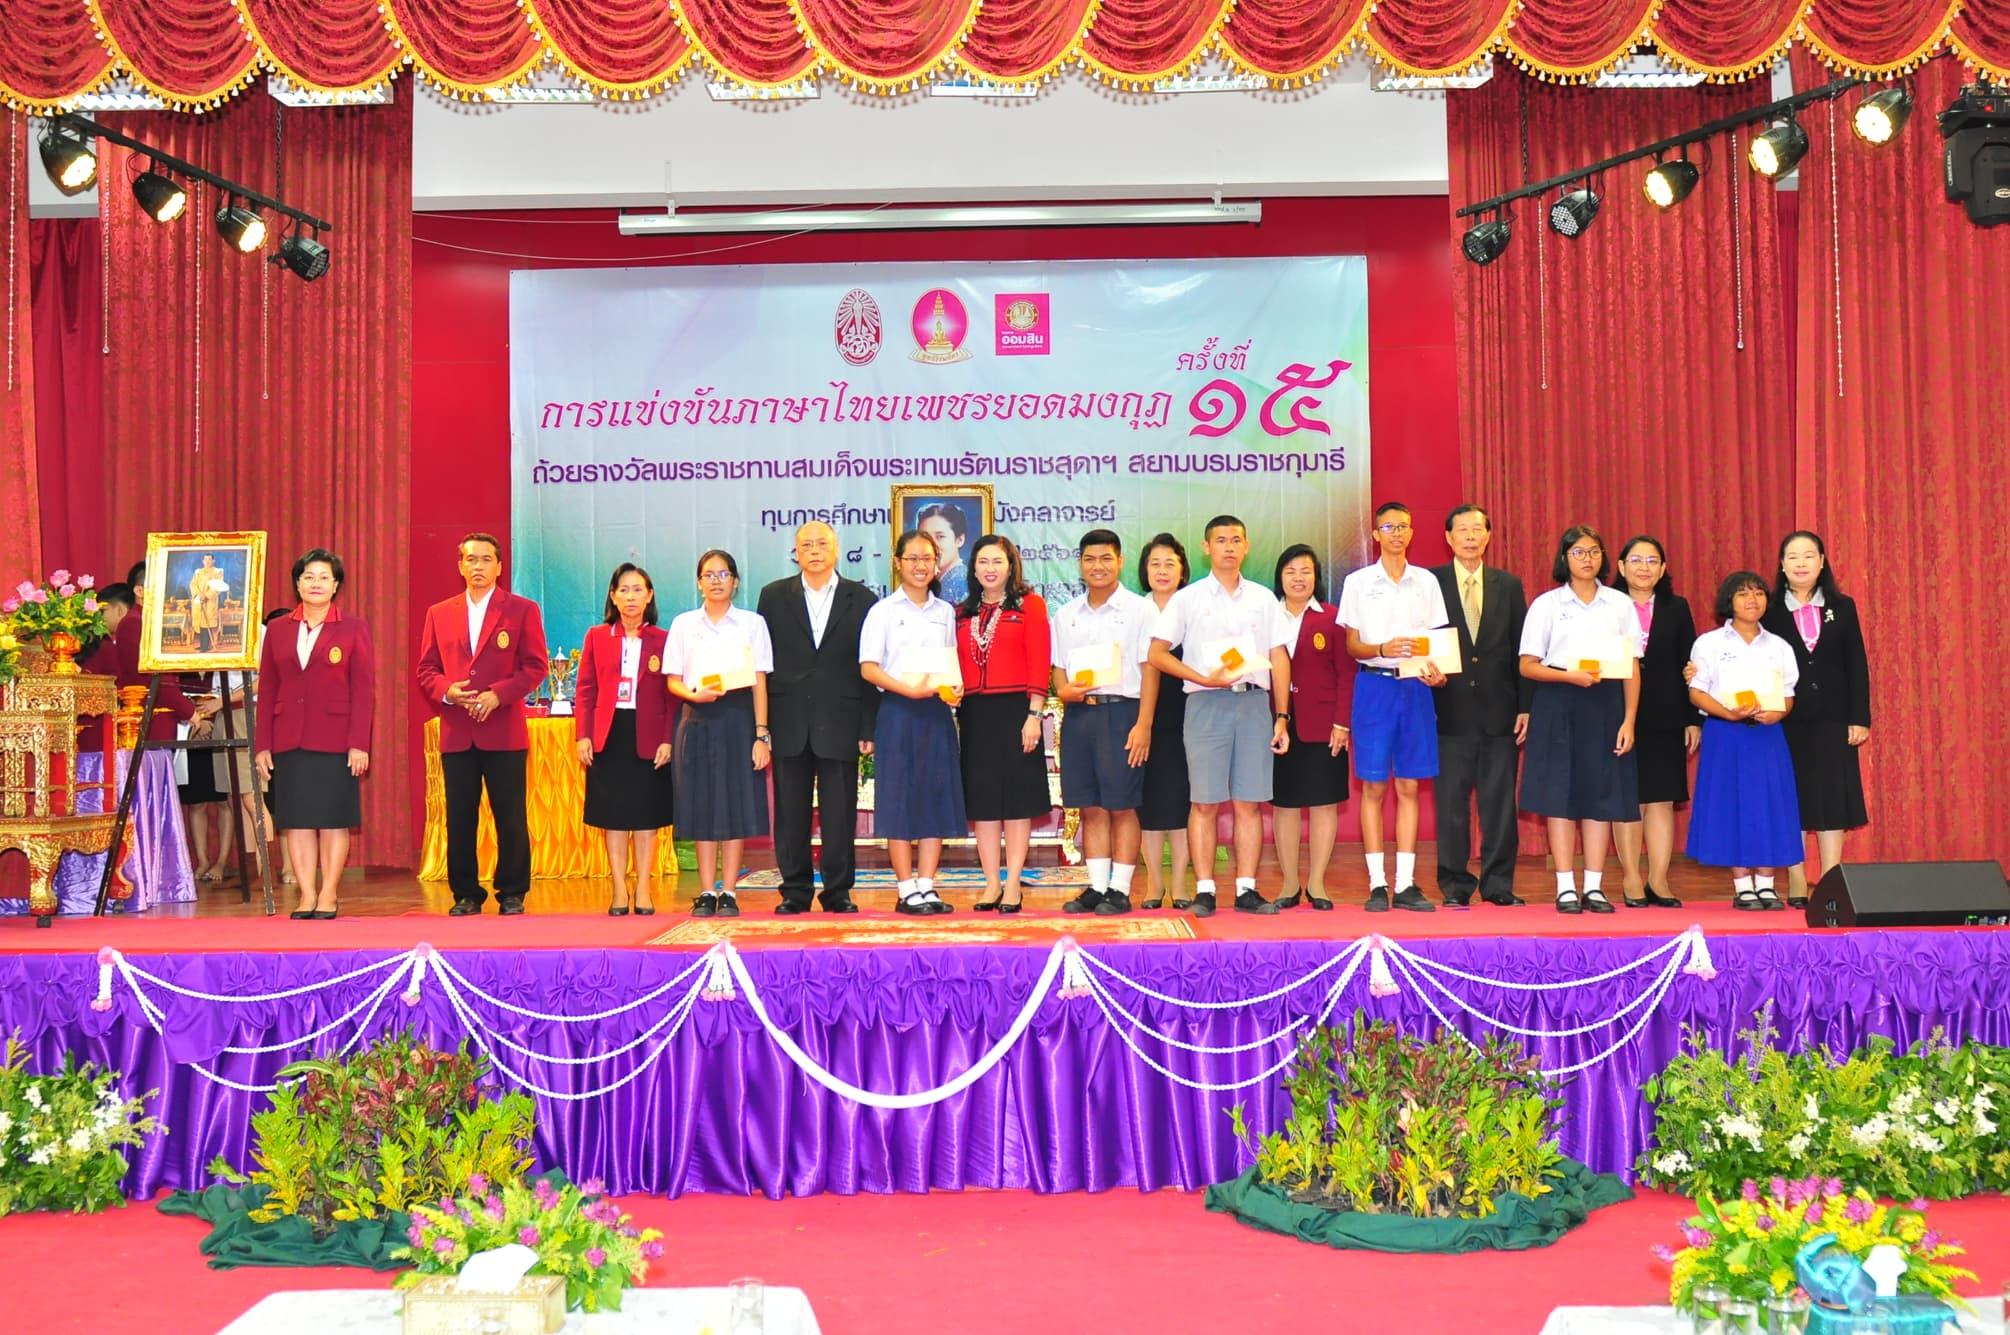 การแข่งขันภาษาไทยเพชรยอดมงกุฏครั้งที่ 15 ชิงถ้วยพระราชทานสมเด็จพระเทพรัตนราชสุดาฯ สยามบรมราชกุมารี